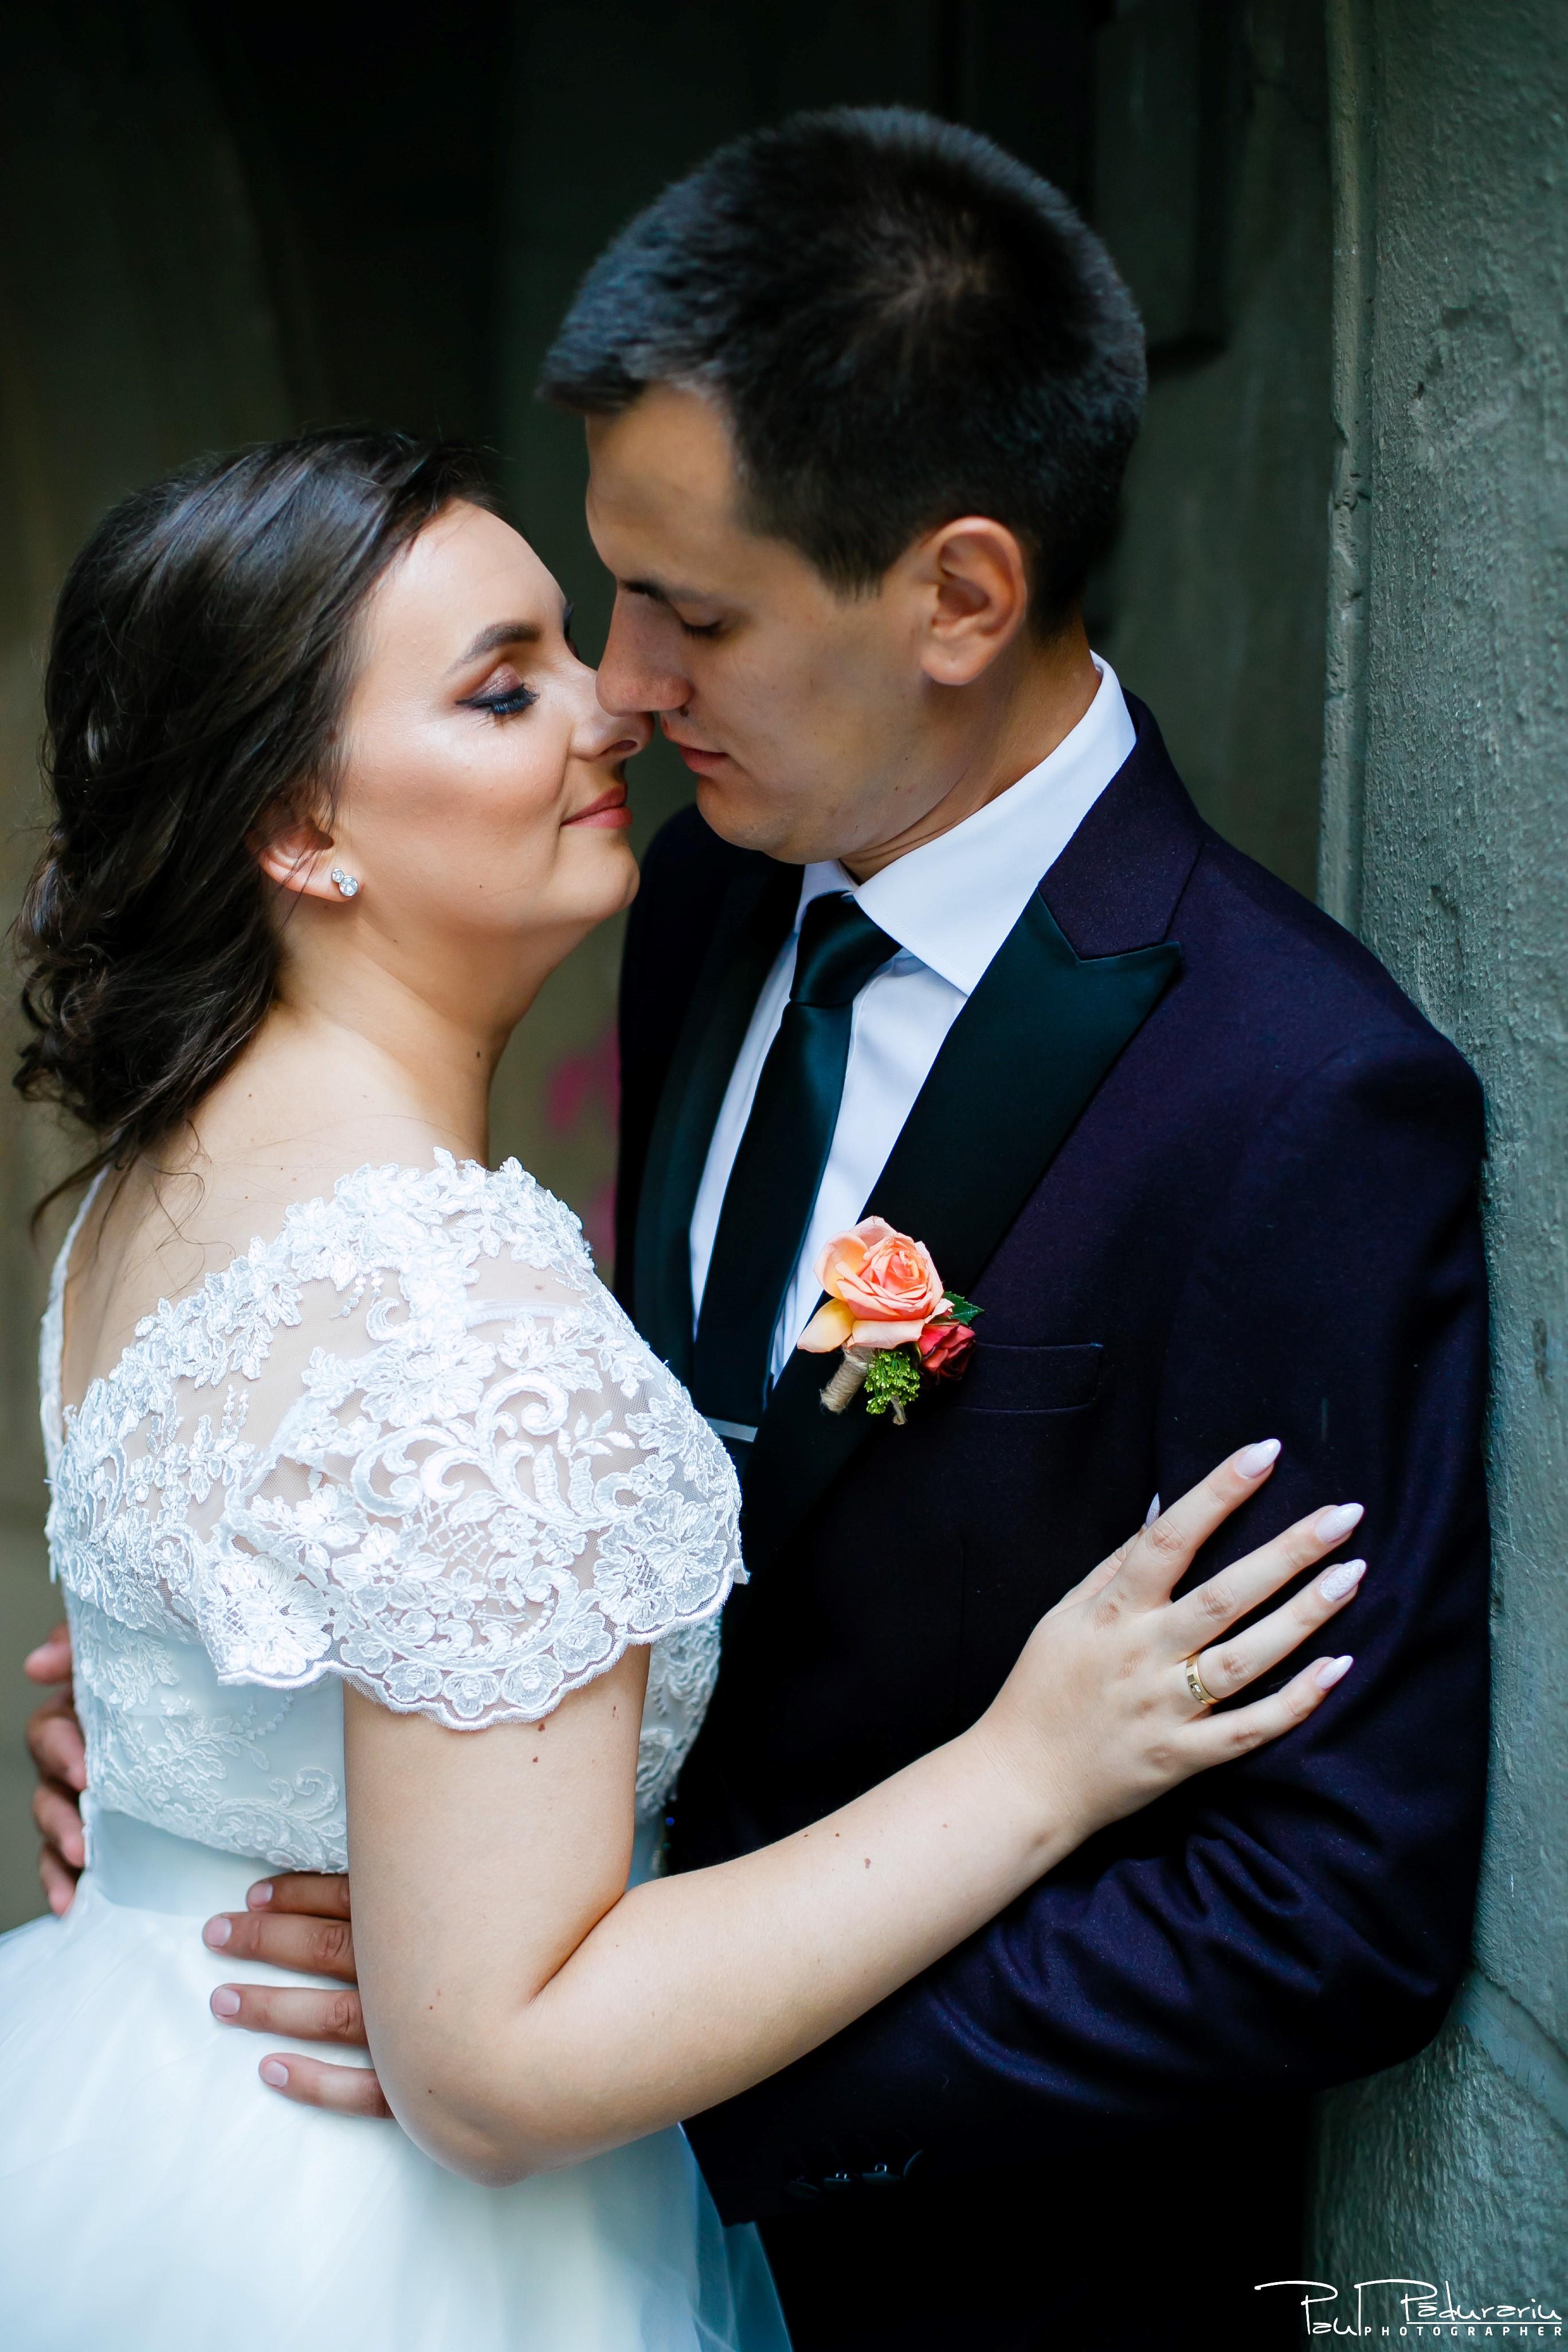 Cristina si Razvan nunta rustica la Bellaria sedinta foto miri 5 fotograf profesionist nunta Iasi www.paulpadurariu.ro © 2017 Paul Padurariu